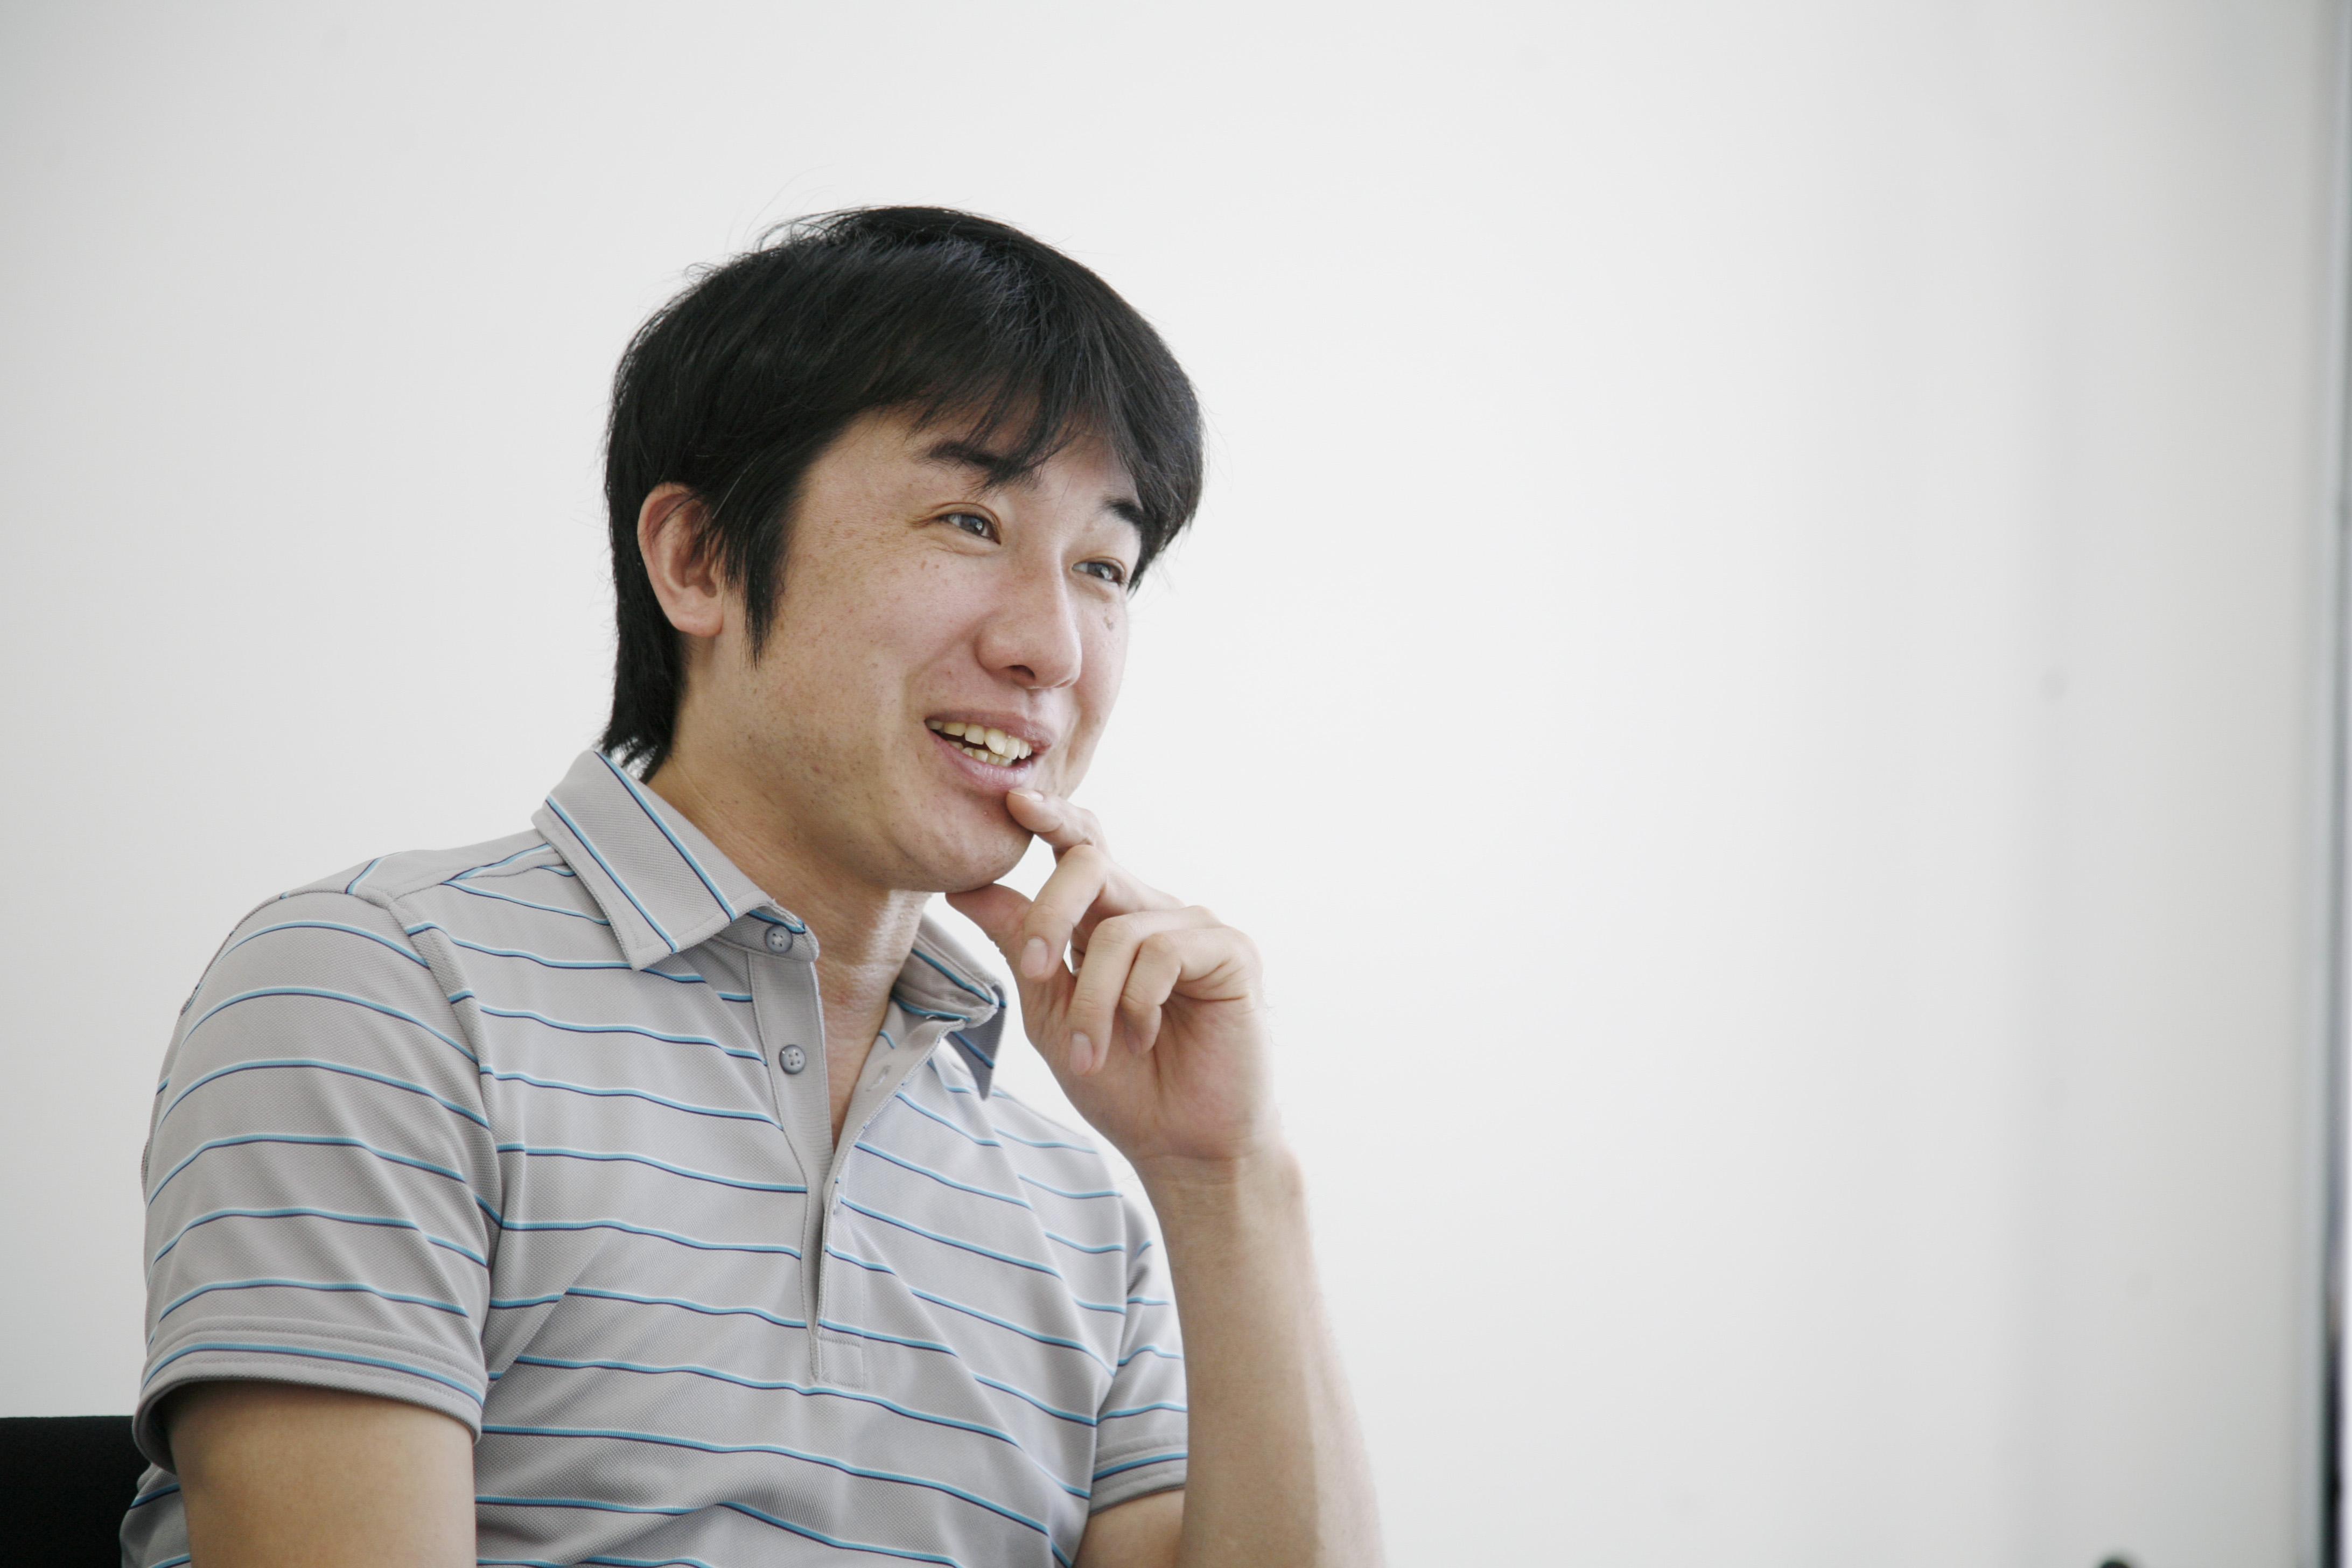 【インタビュー】1人の思いから、プロジェクトを大きく育てるには?富士登山者の安全を守る「富士山チャレンジ」木村知さんインタビュー